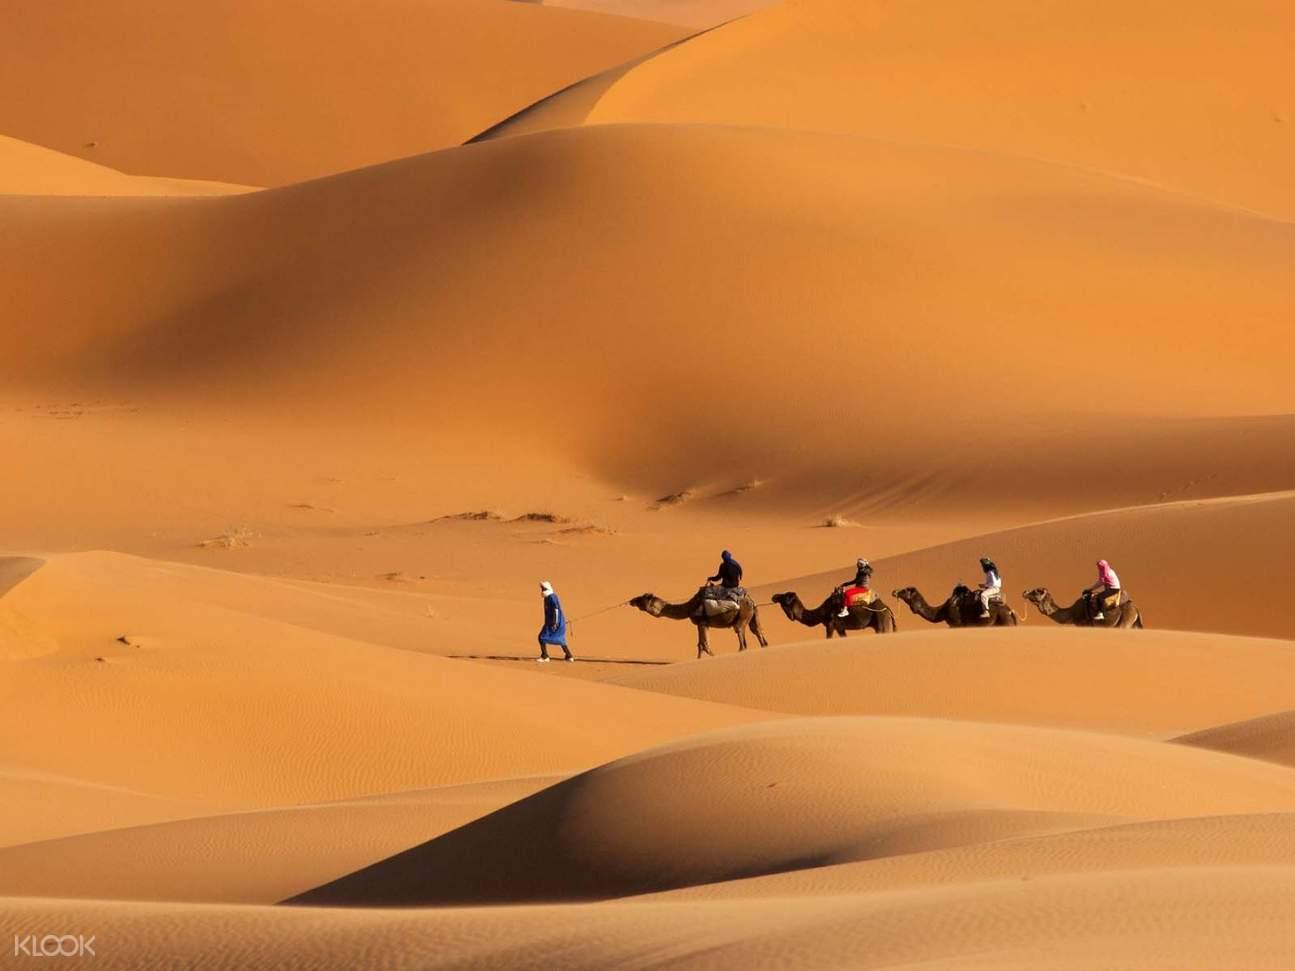 迪拜沙丘 骆驼骑行